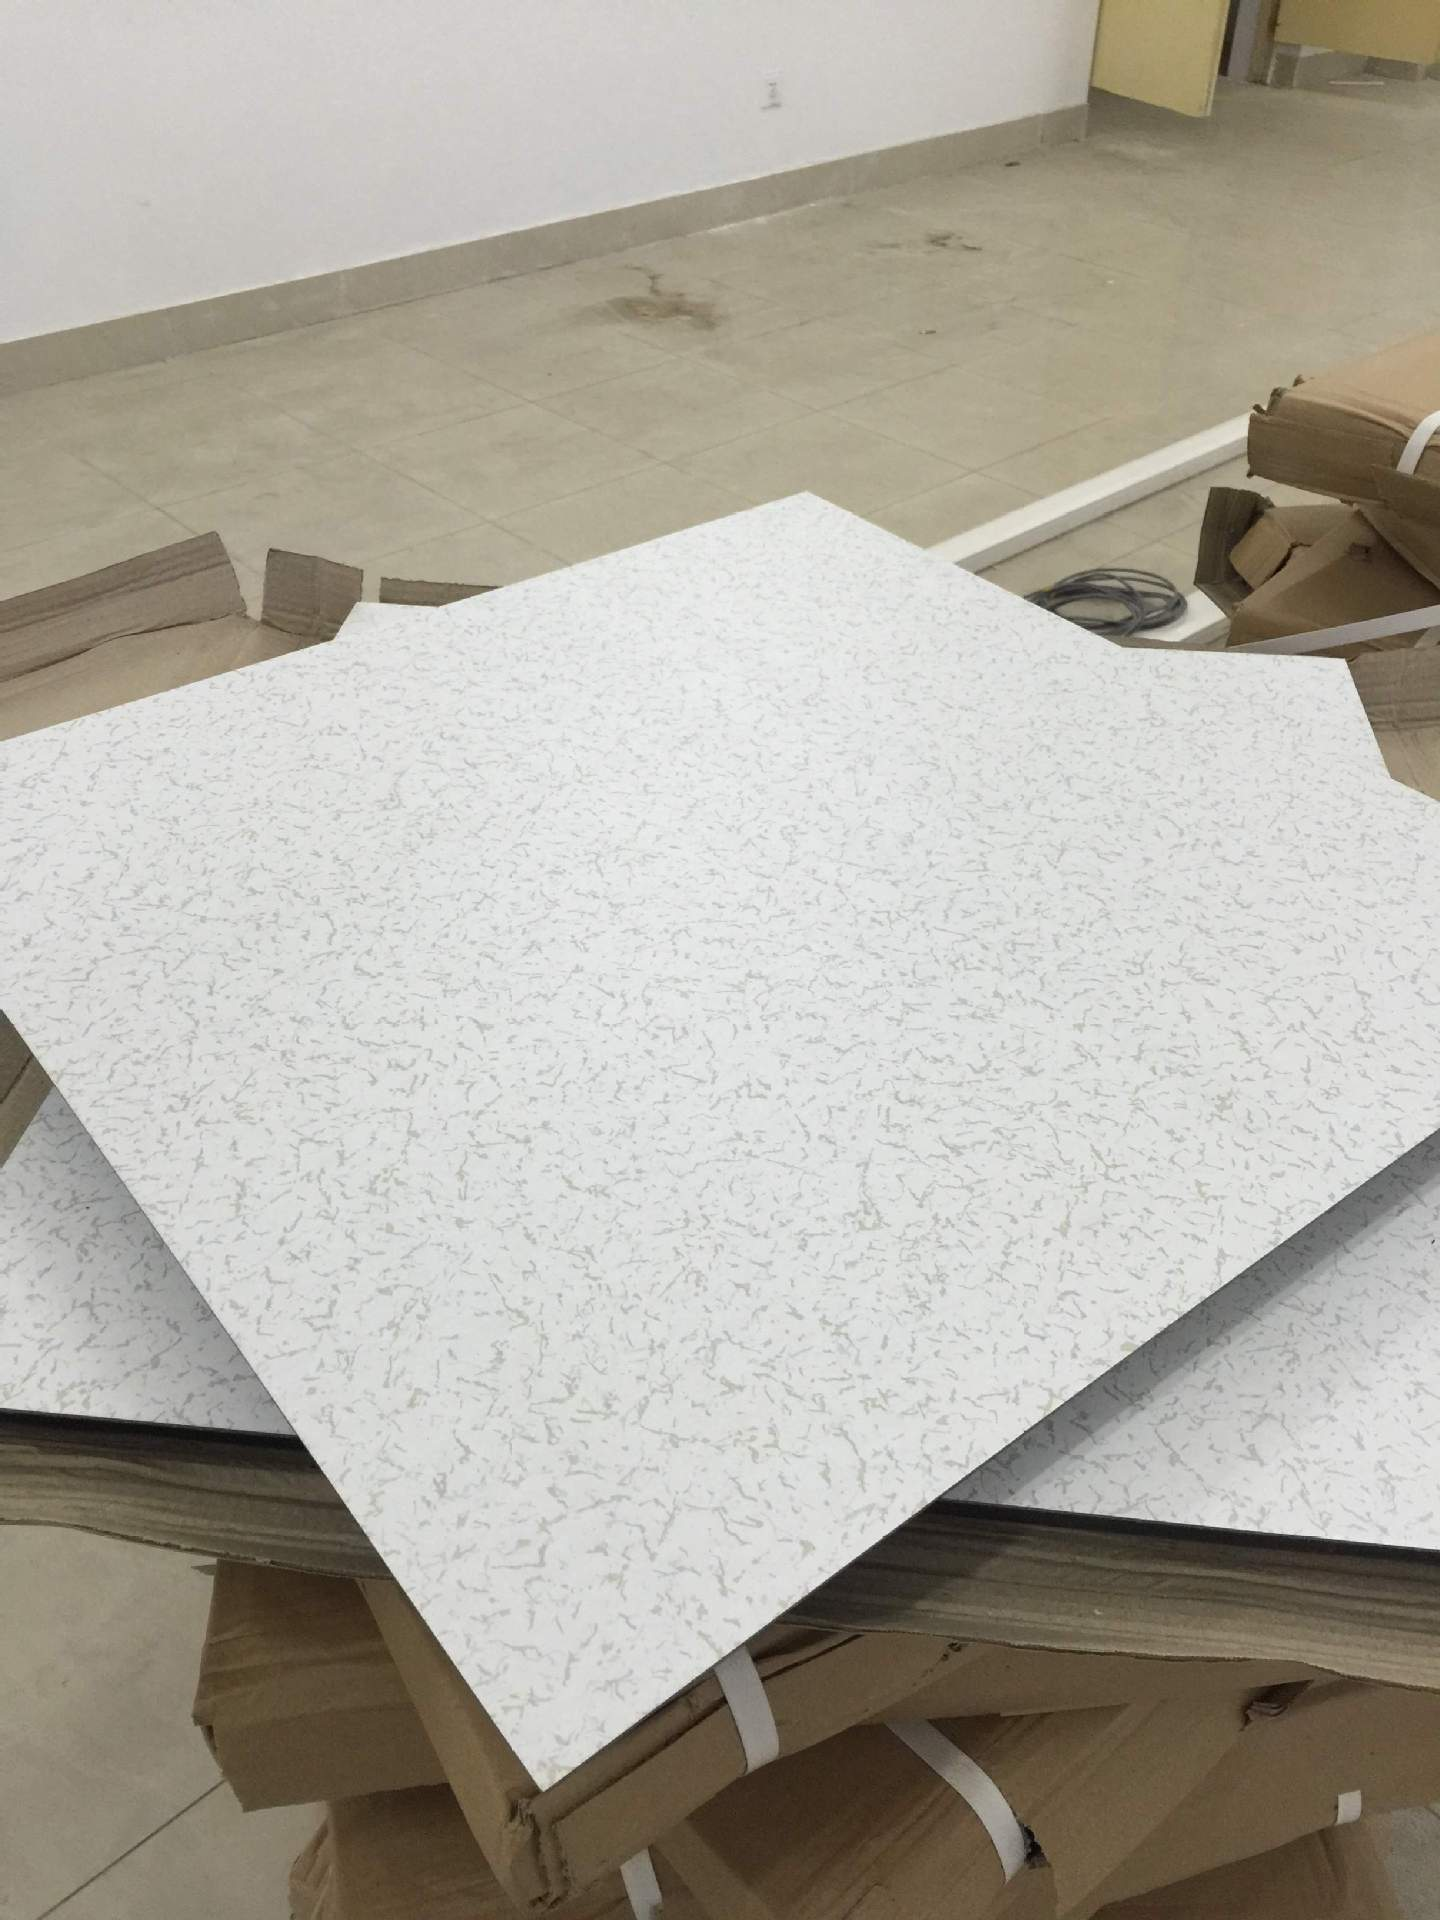 六面包钢木基架空活动地板-济南科风-架空活动地板,基活动地板,钢木活动地板,面包活动地板,钢木基地板